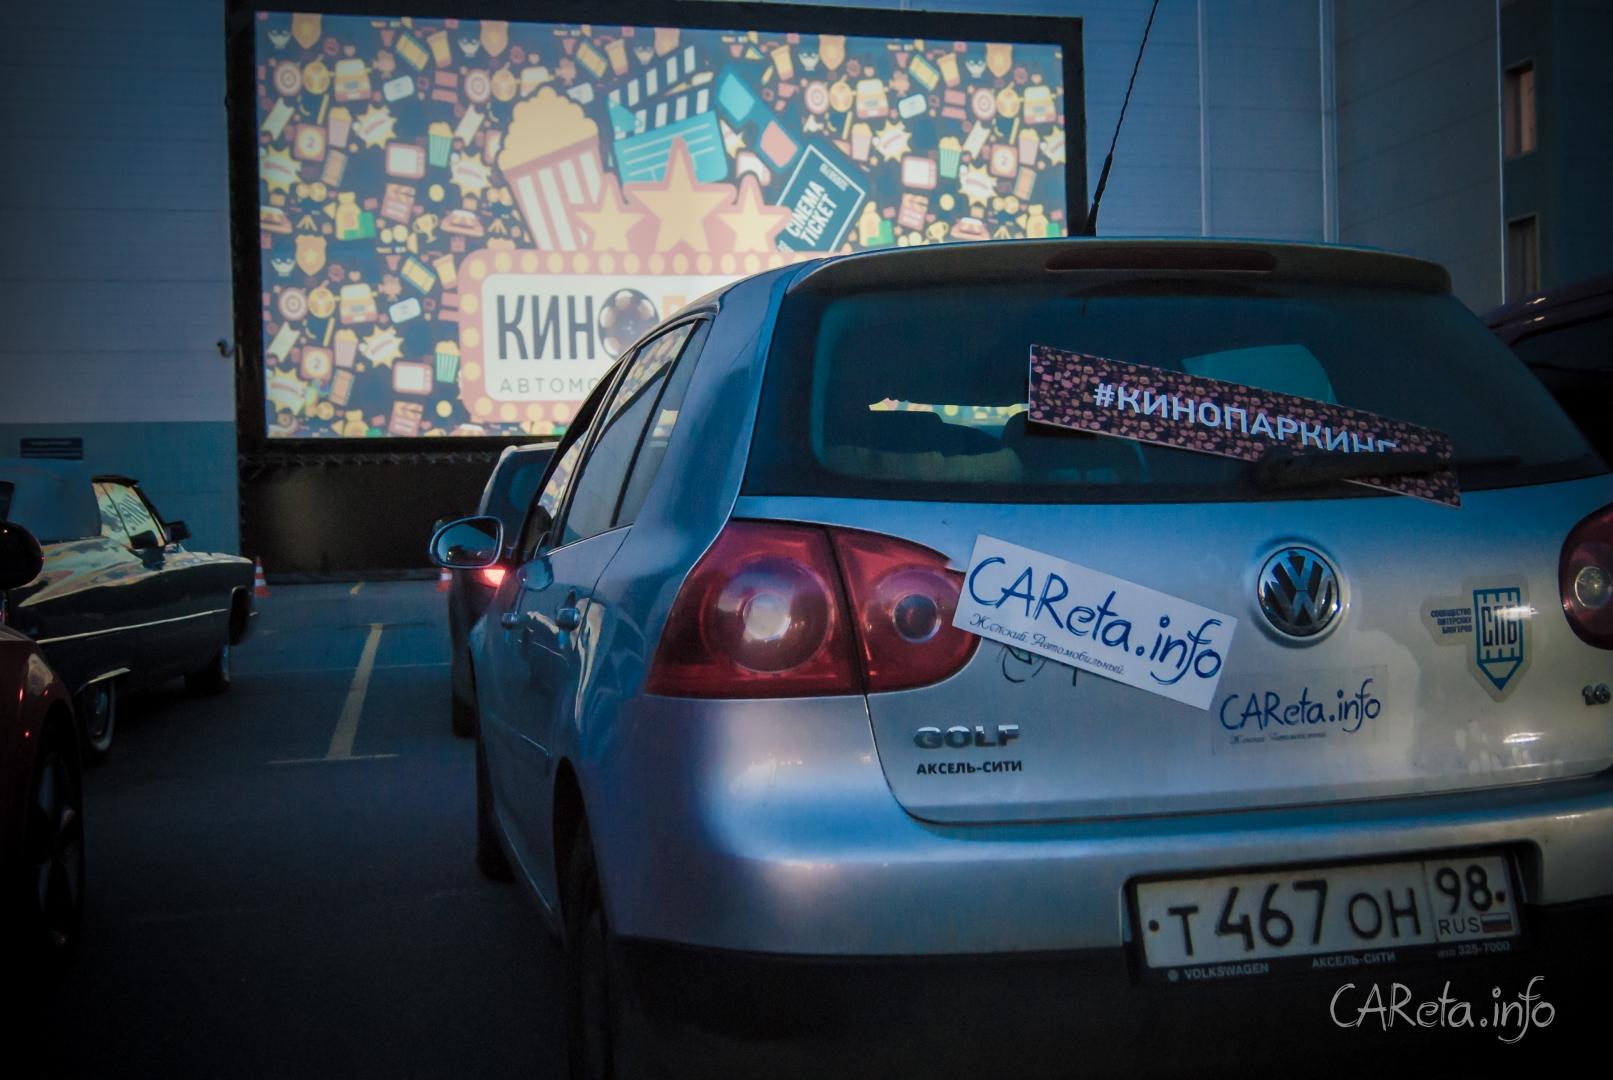 Мы любим автомобили и кино! А вы?